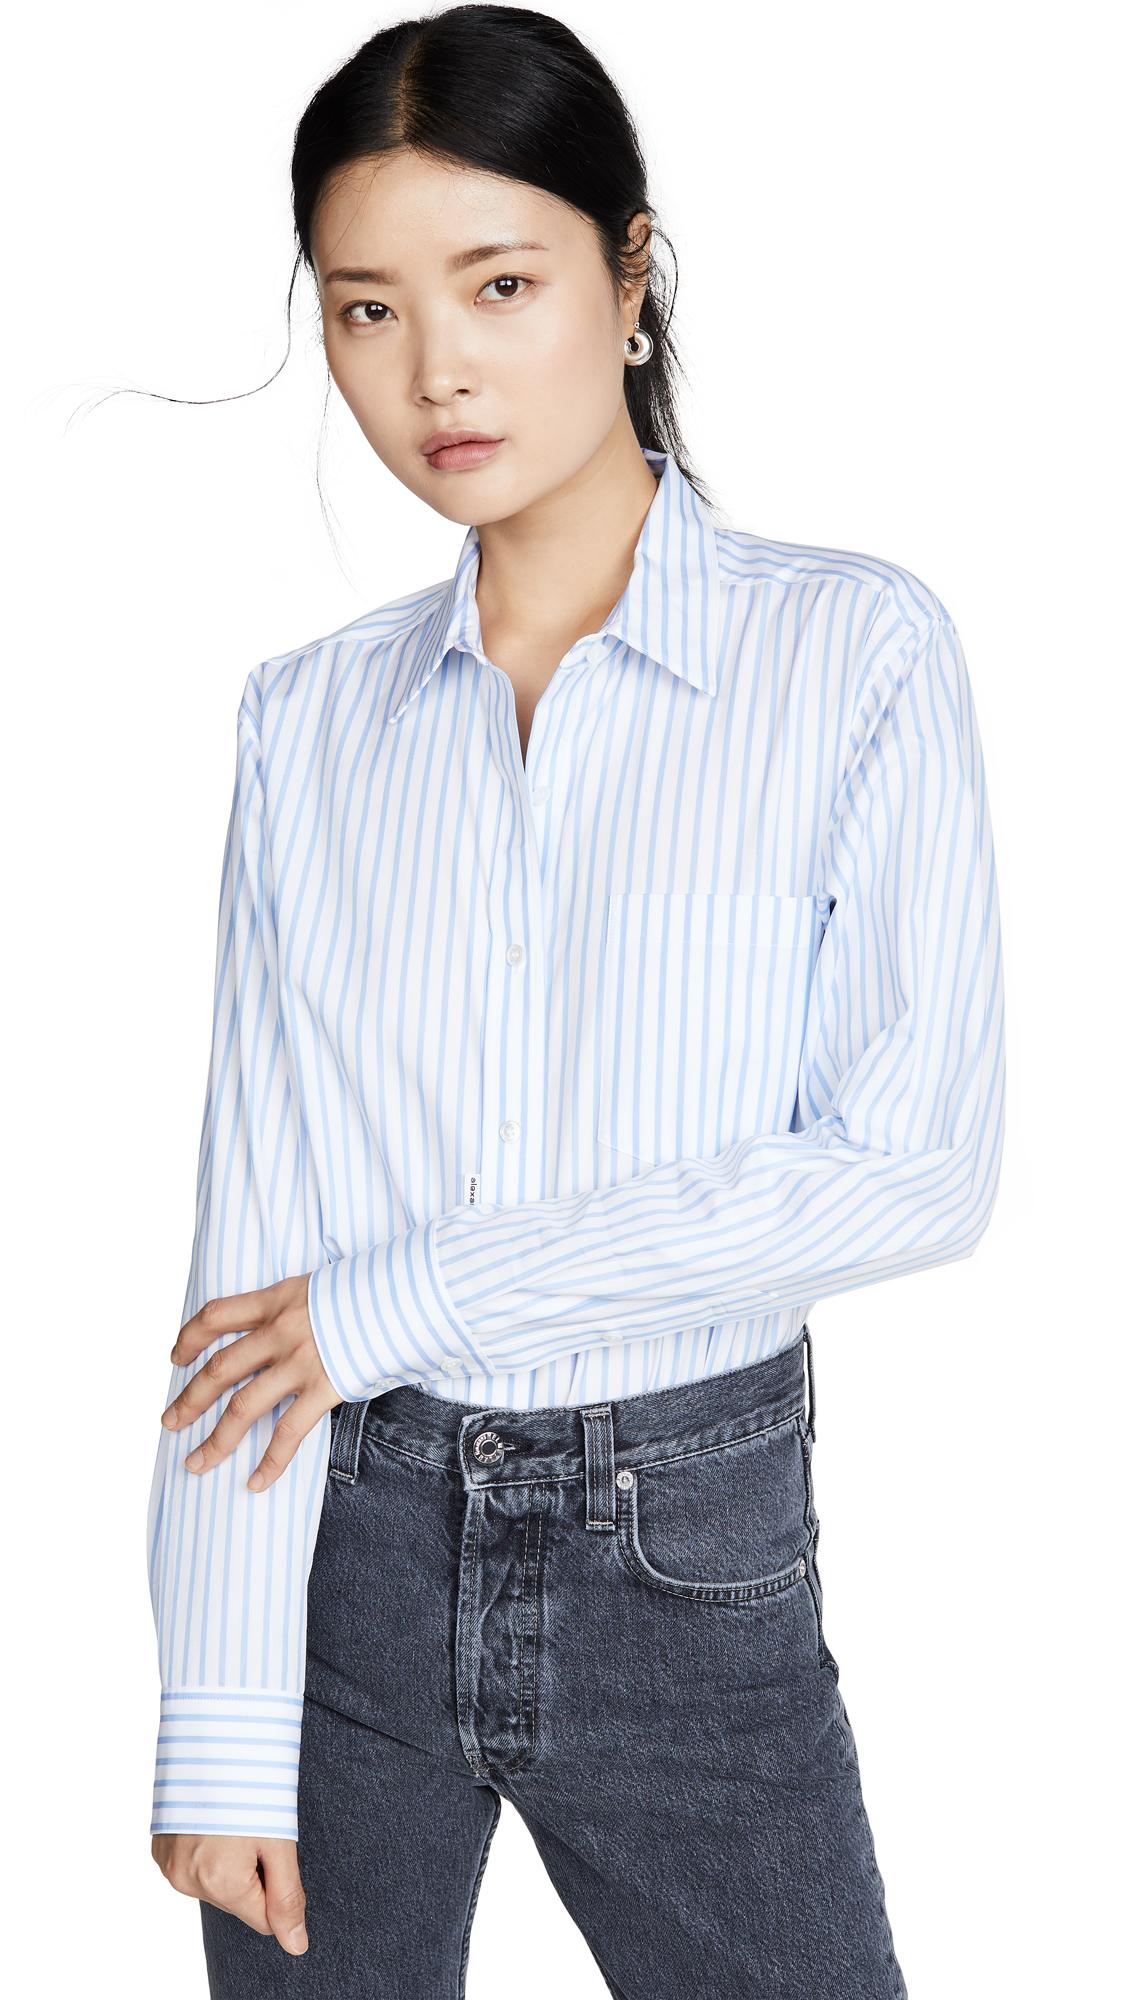 Alexander Wang Button Down Shirt Bodysuit - Blue/White Stripe